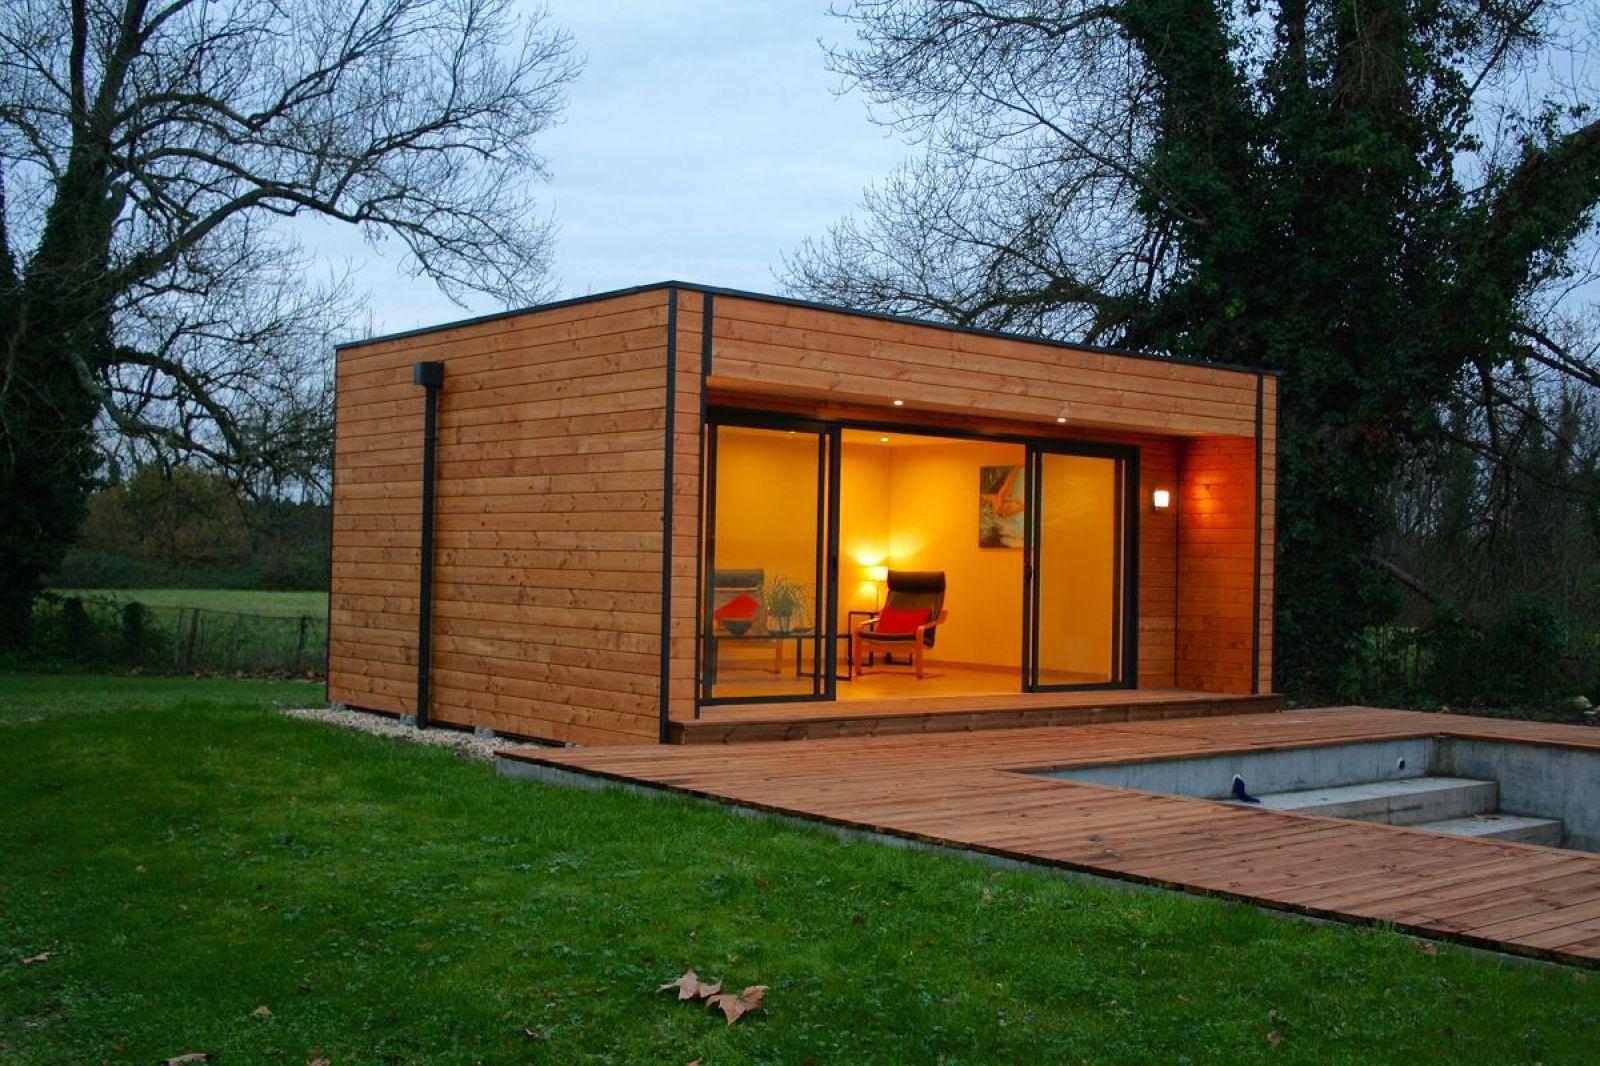 Pi ce multifonctionel en bois de 19 8m saint denis de pile construction en bois bordeaux - Abri jardin occasion saint denis ...